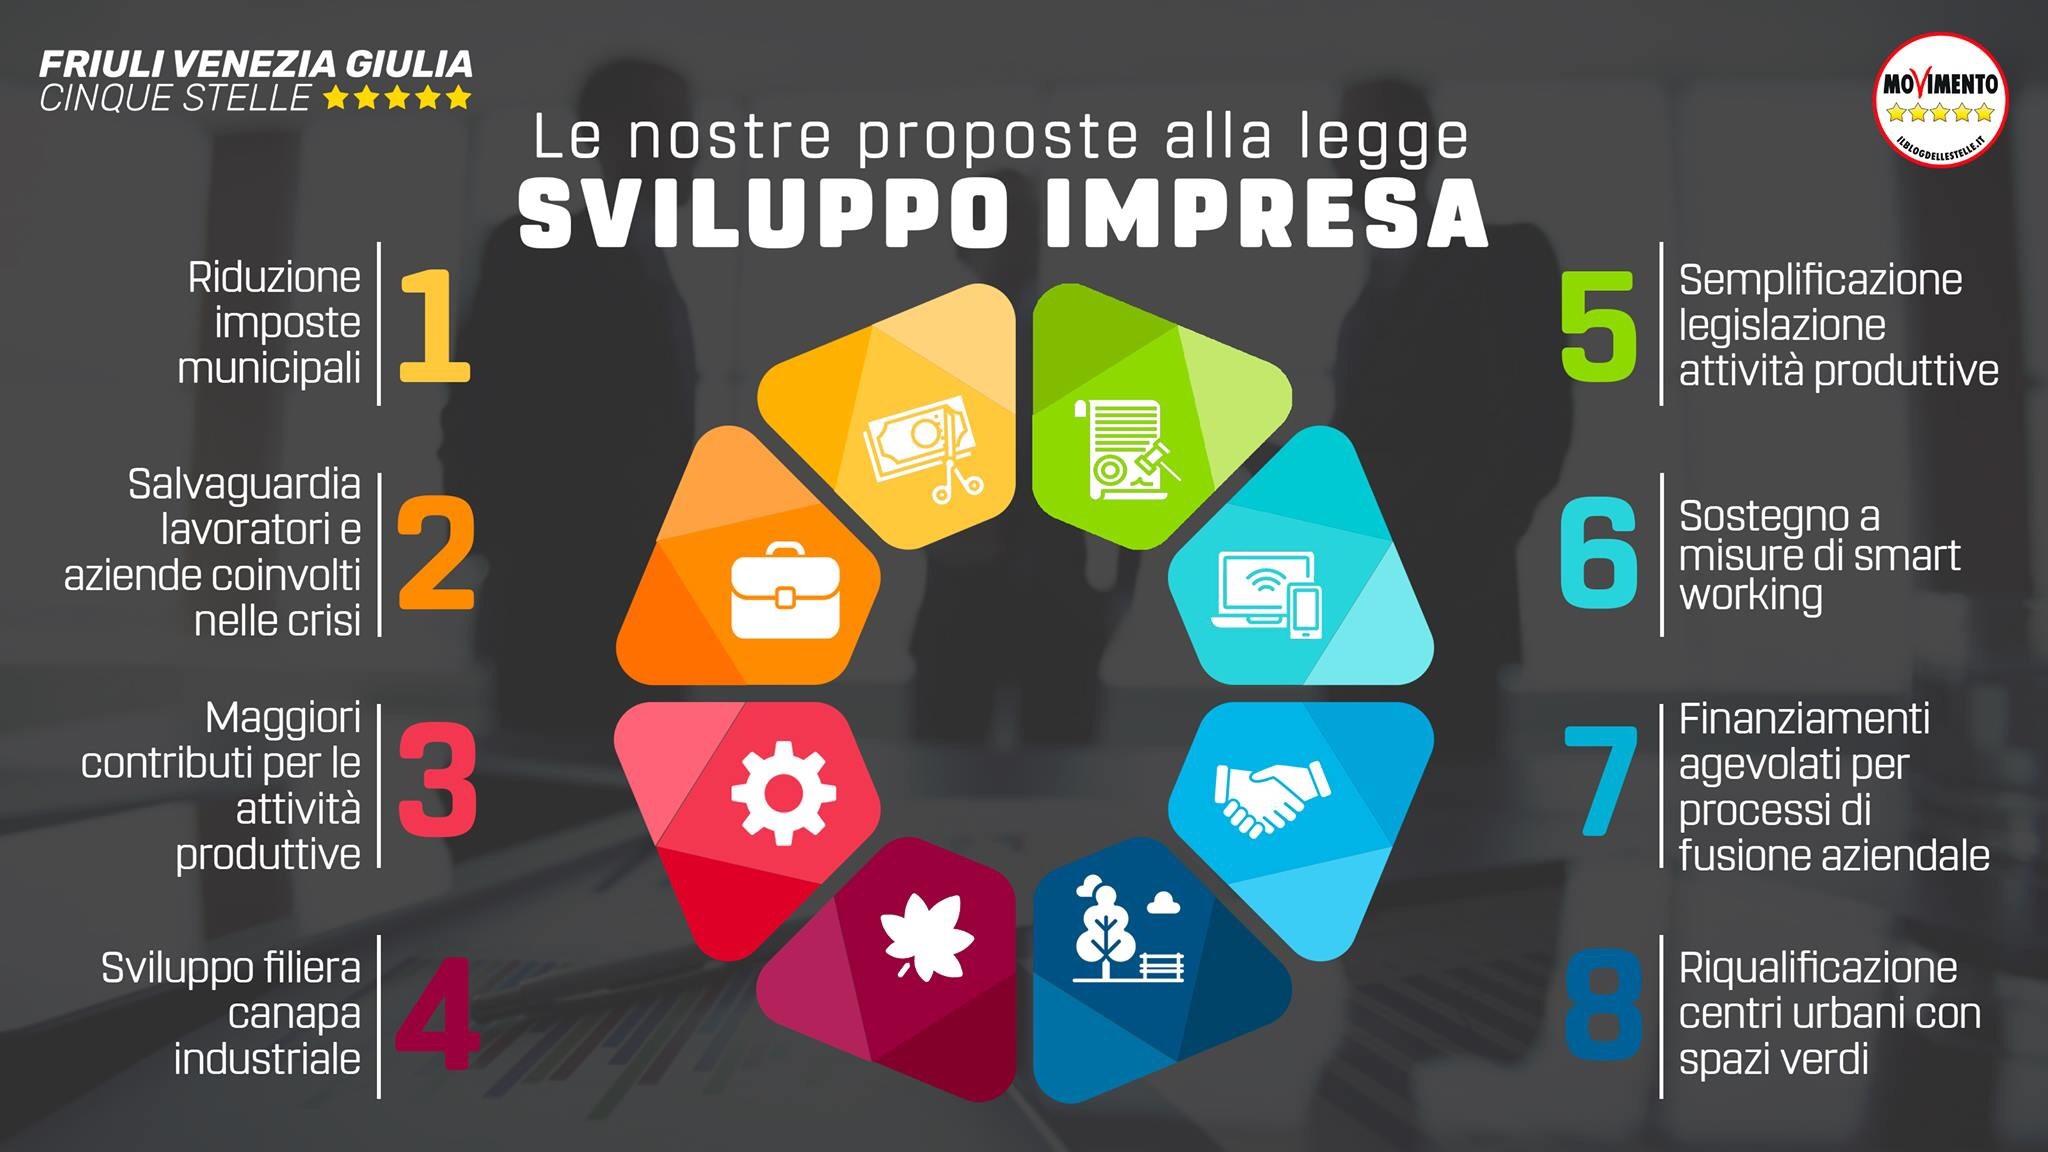 Legge Sviluppo Impresa